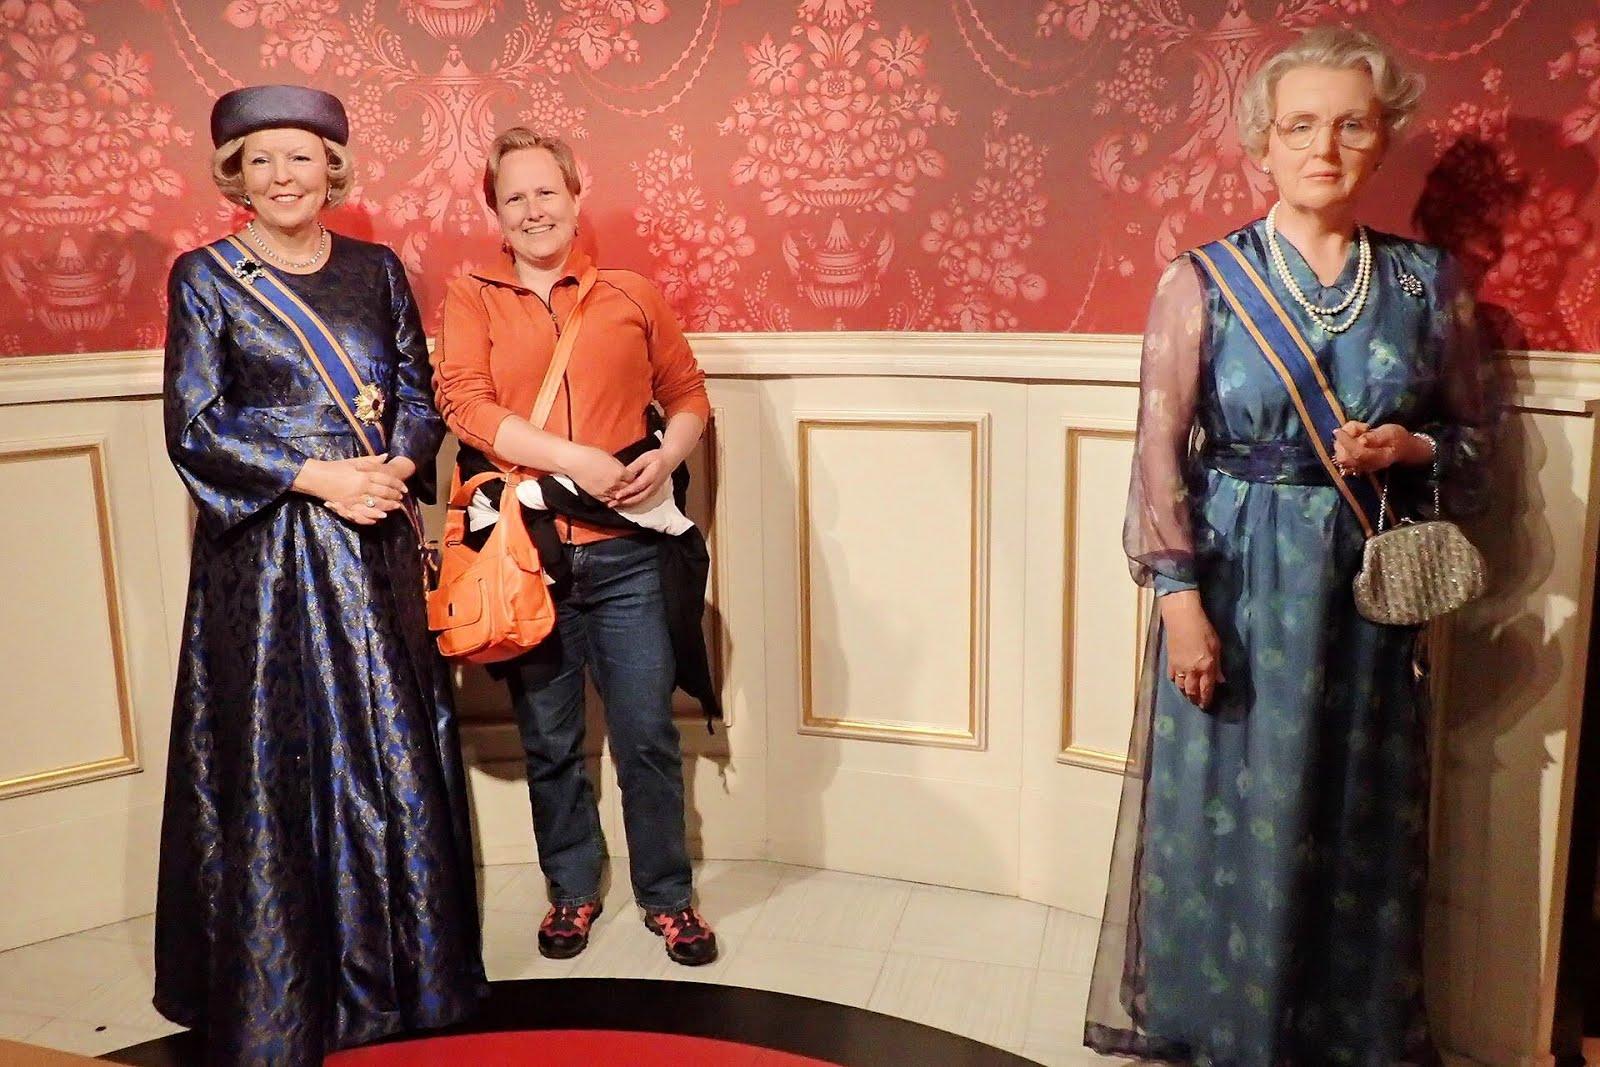 3 Queens ;-)